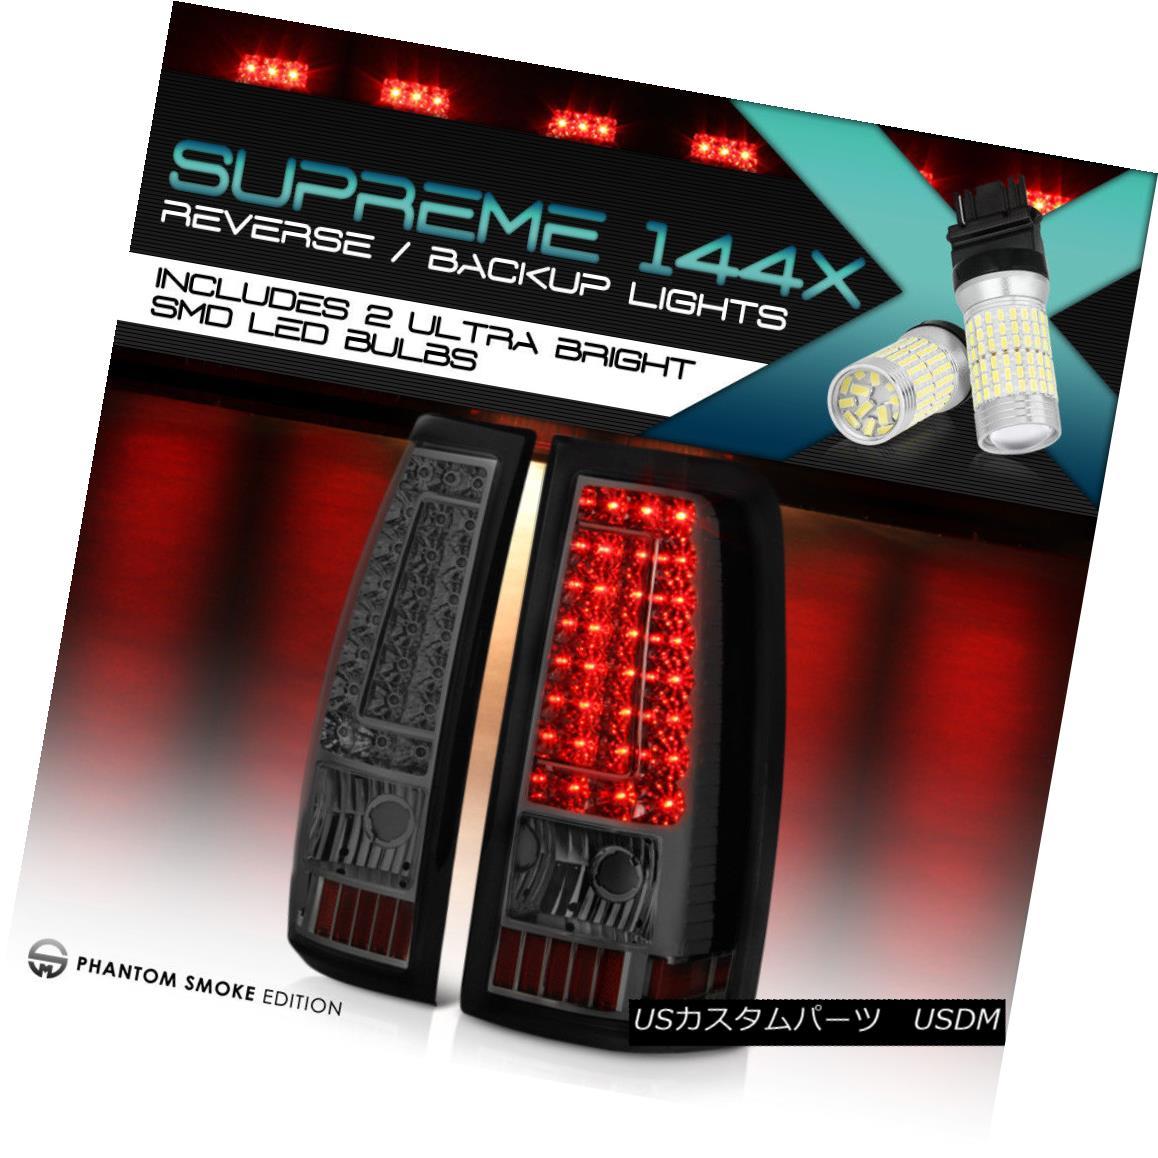 車用品 バイク用品 >> パーツ ライト ランプ テールライト スーパーセール期間限定 360 Degree SMD Reverse 新生活